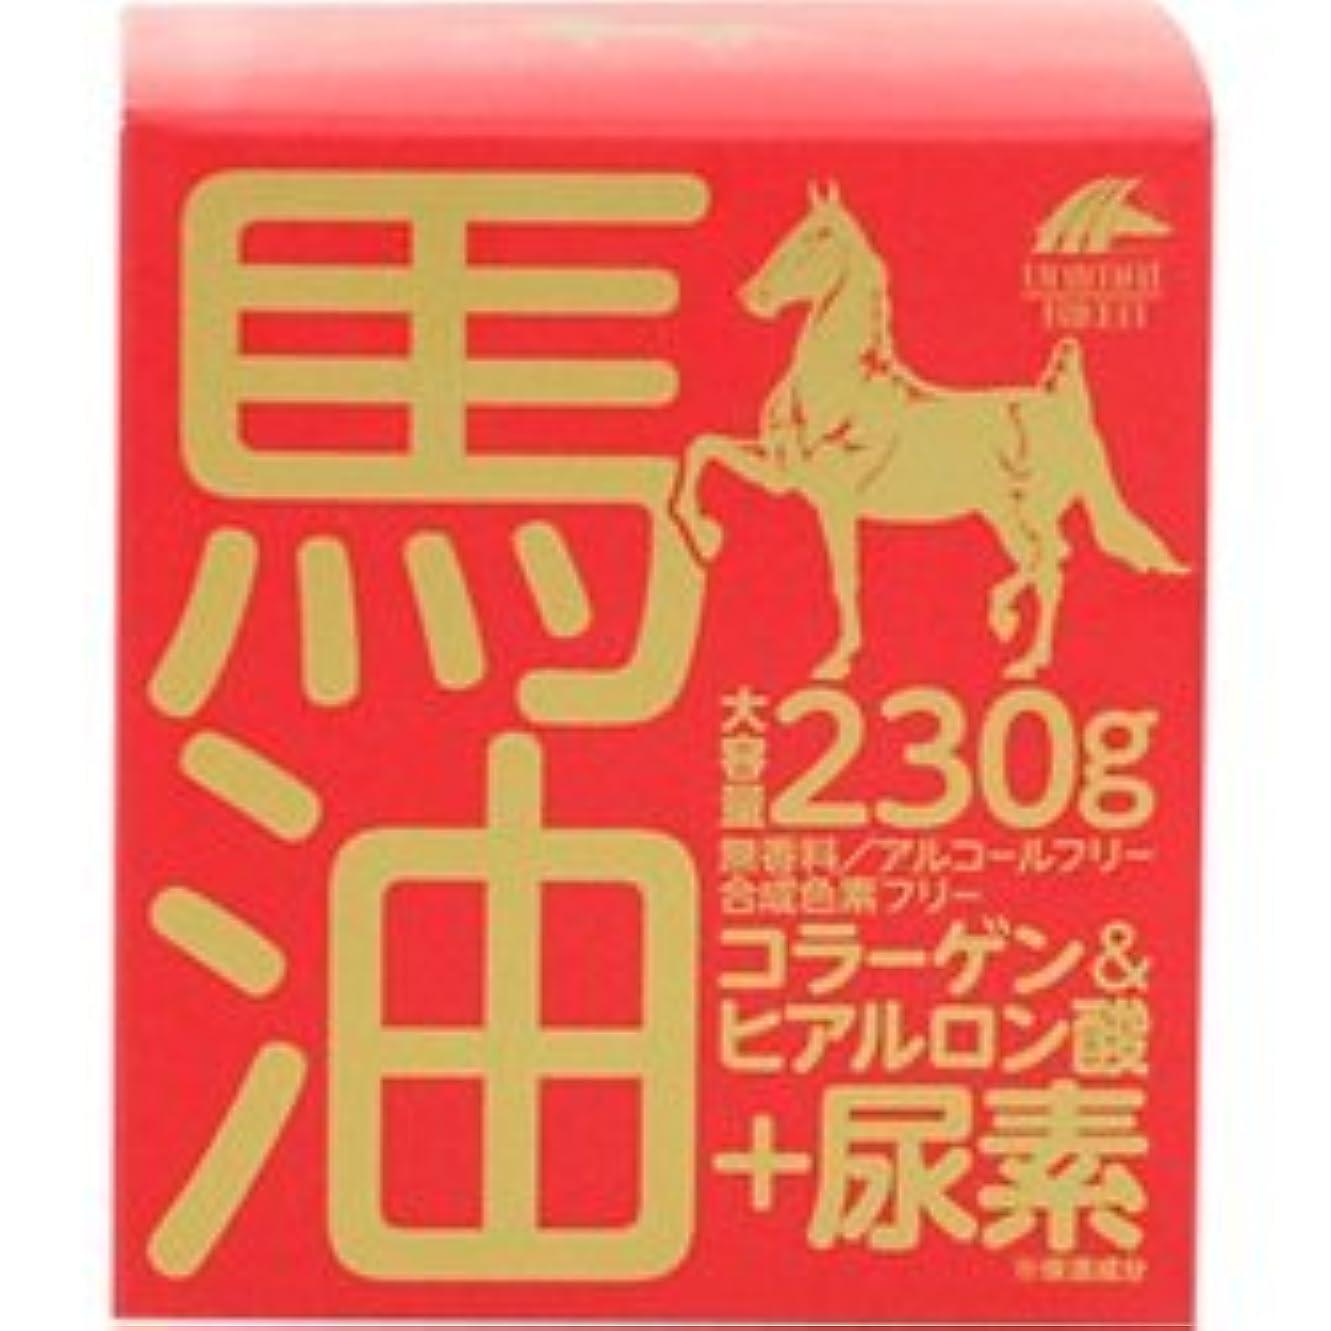 染色ラジカル健全【ユニマットリケン】馬油クリーム+尿素 230g ×20個セット